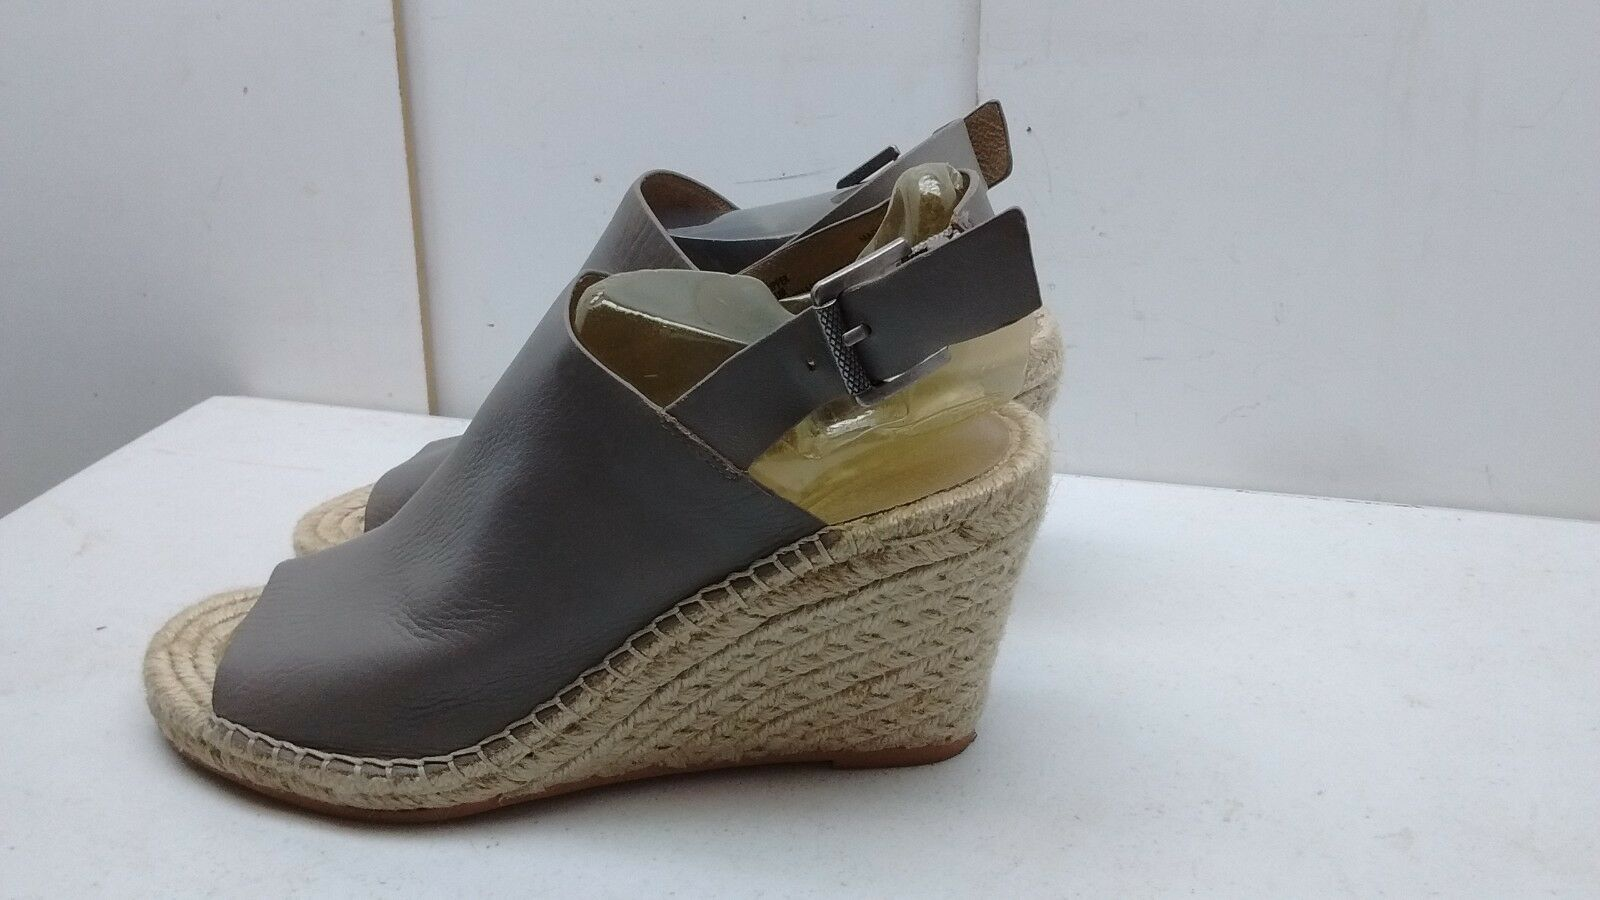 Caslon Caslon Caslon Sutton Mujeres Cuero gris Charol Alpargata Cuña Zapato de vestido informal 8M  saludable